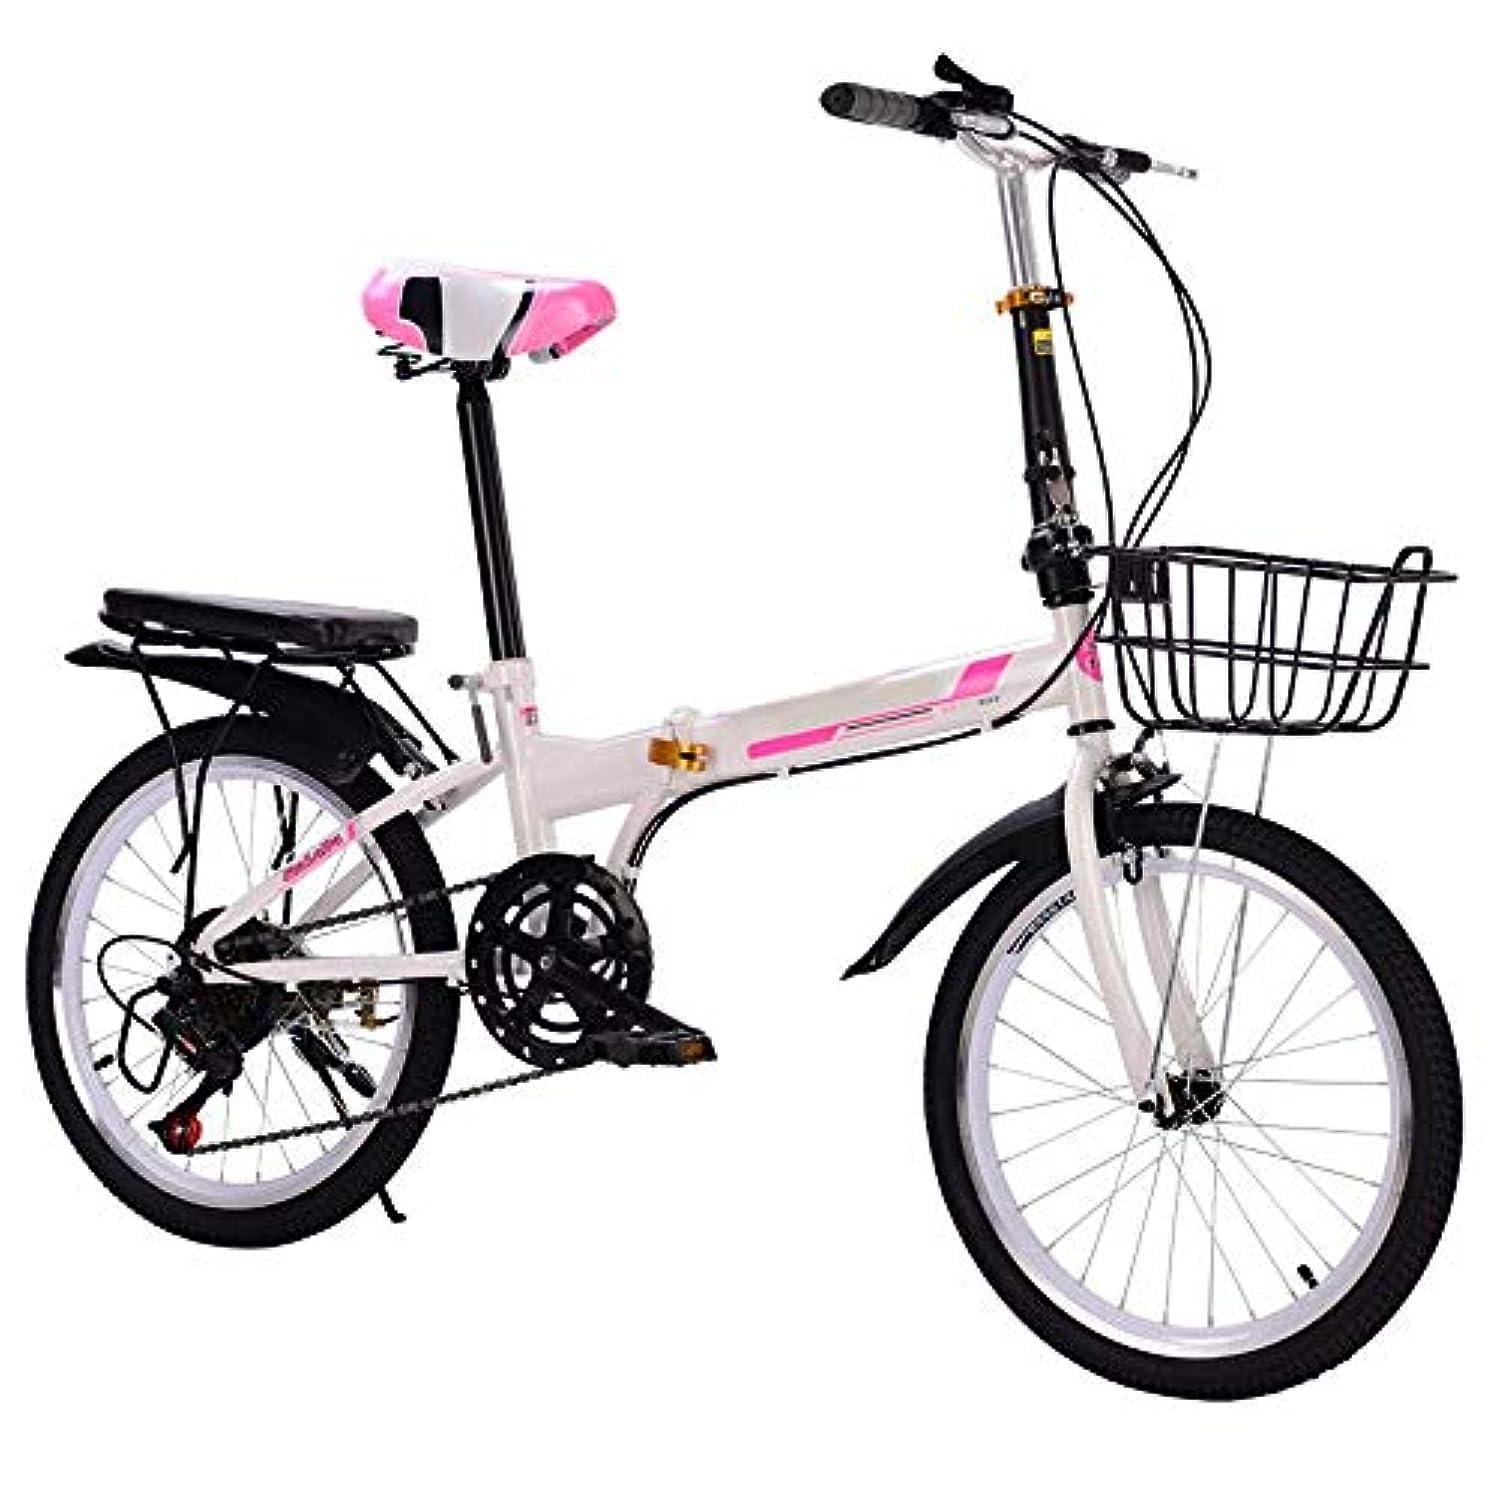 ヤギずっとハッチ折りたたみ自転車小学生メンズ?レディース大人用自転車20インチ超軽量ポータブルアウトドアサイクリング,ピンク